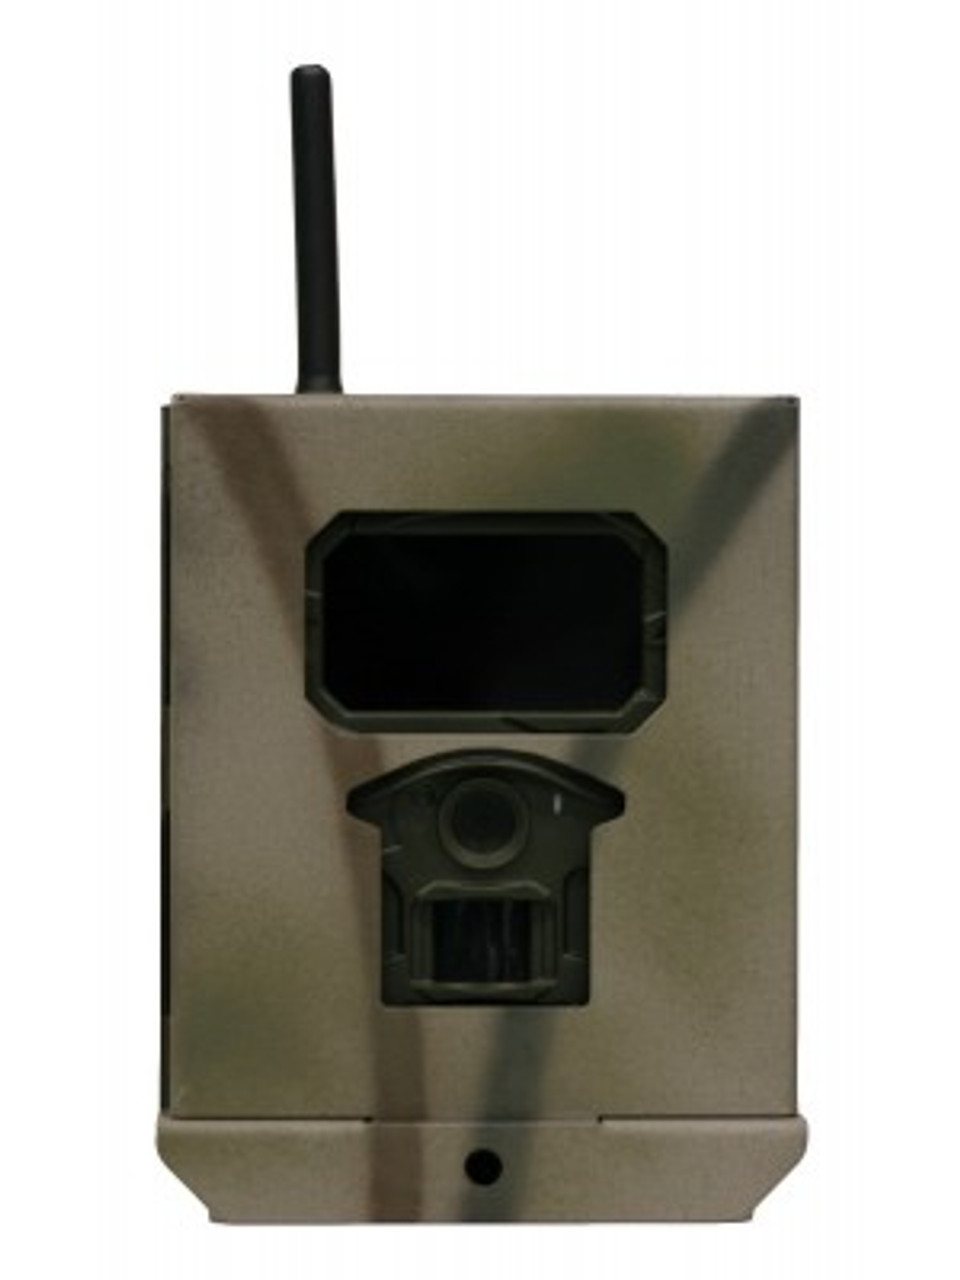 HCO Spartan GoCam Camera Security Box